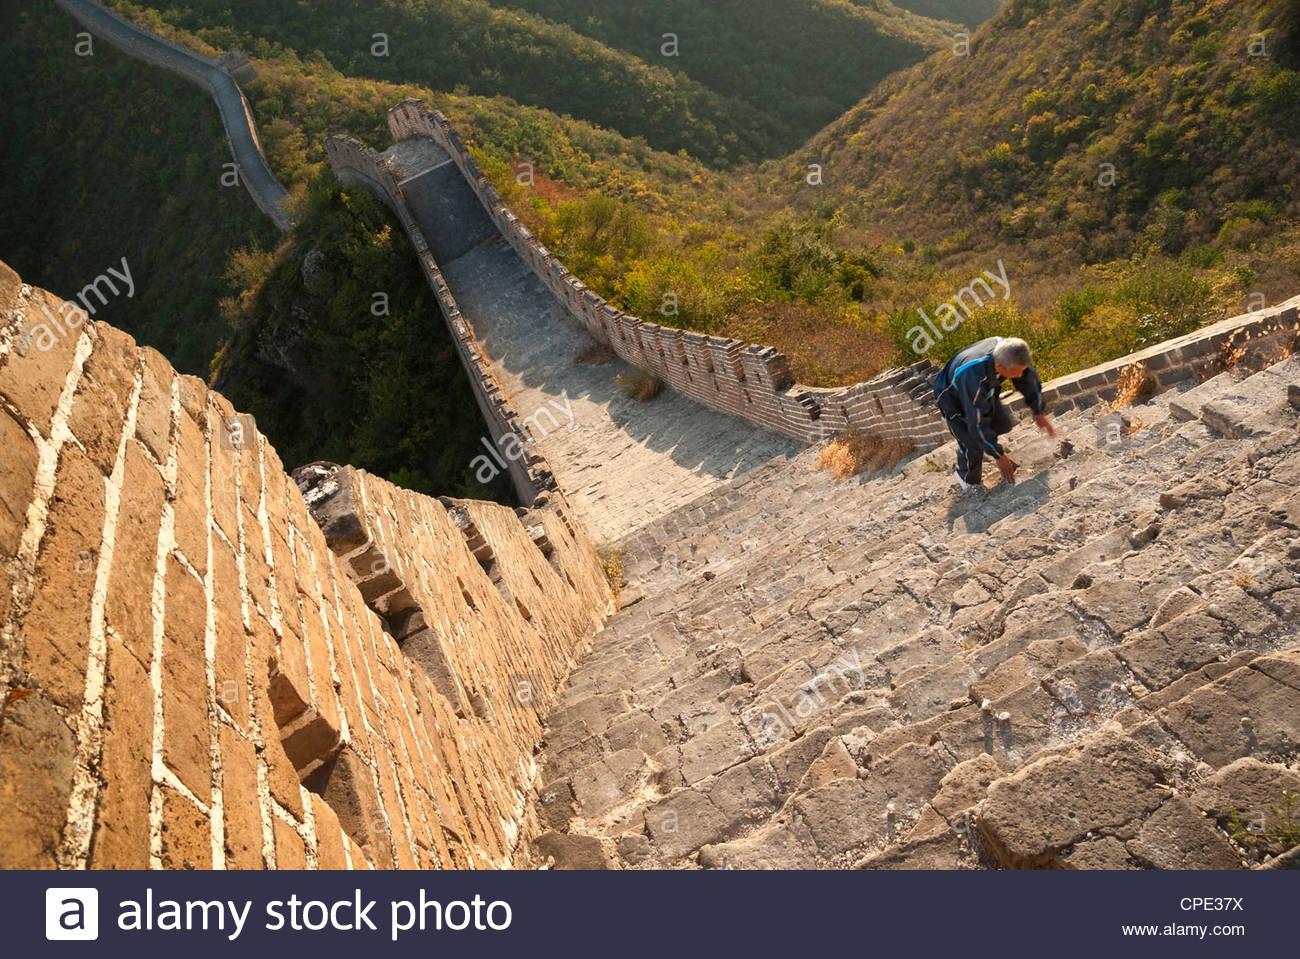 Chinese man climbs Great Wall of China, Huanghuacheng (Yellow Flower) at sunset in autumn, Jiuduhe Zhen, Huairou, - Stock Image